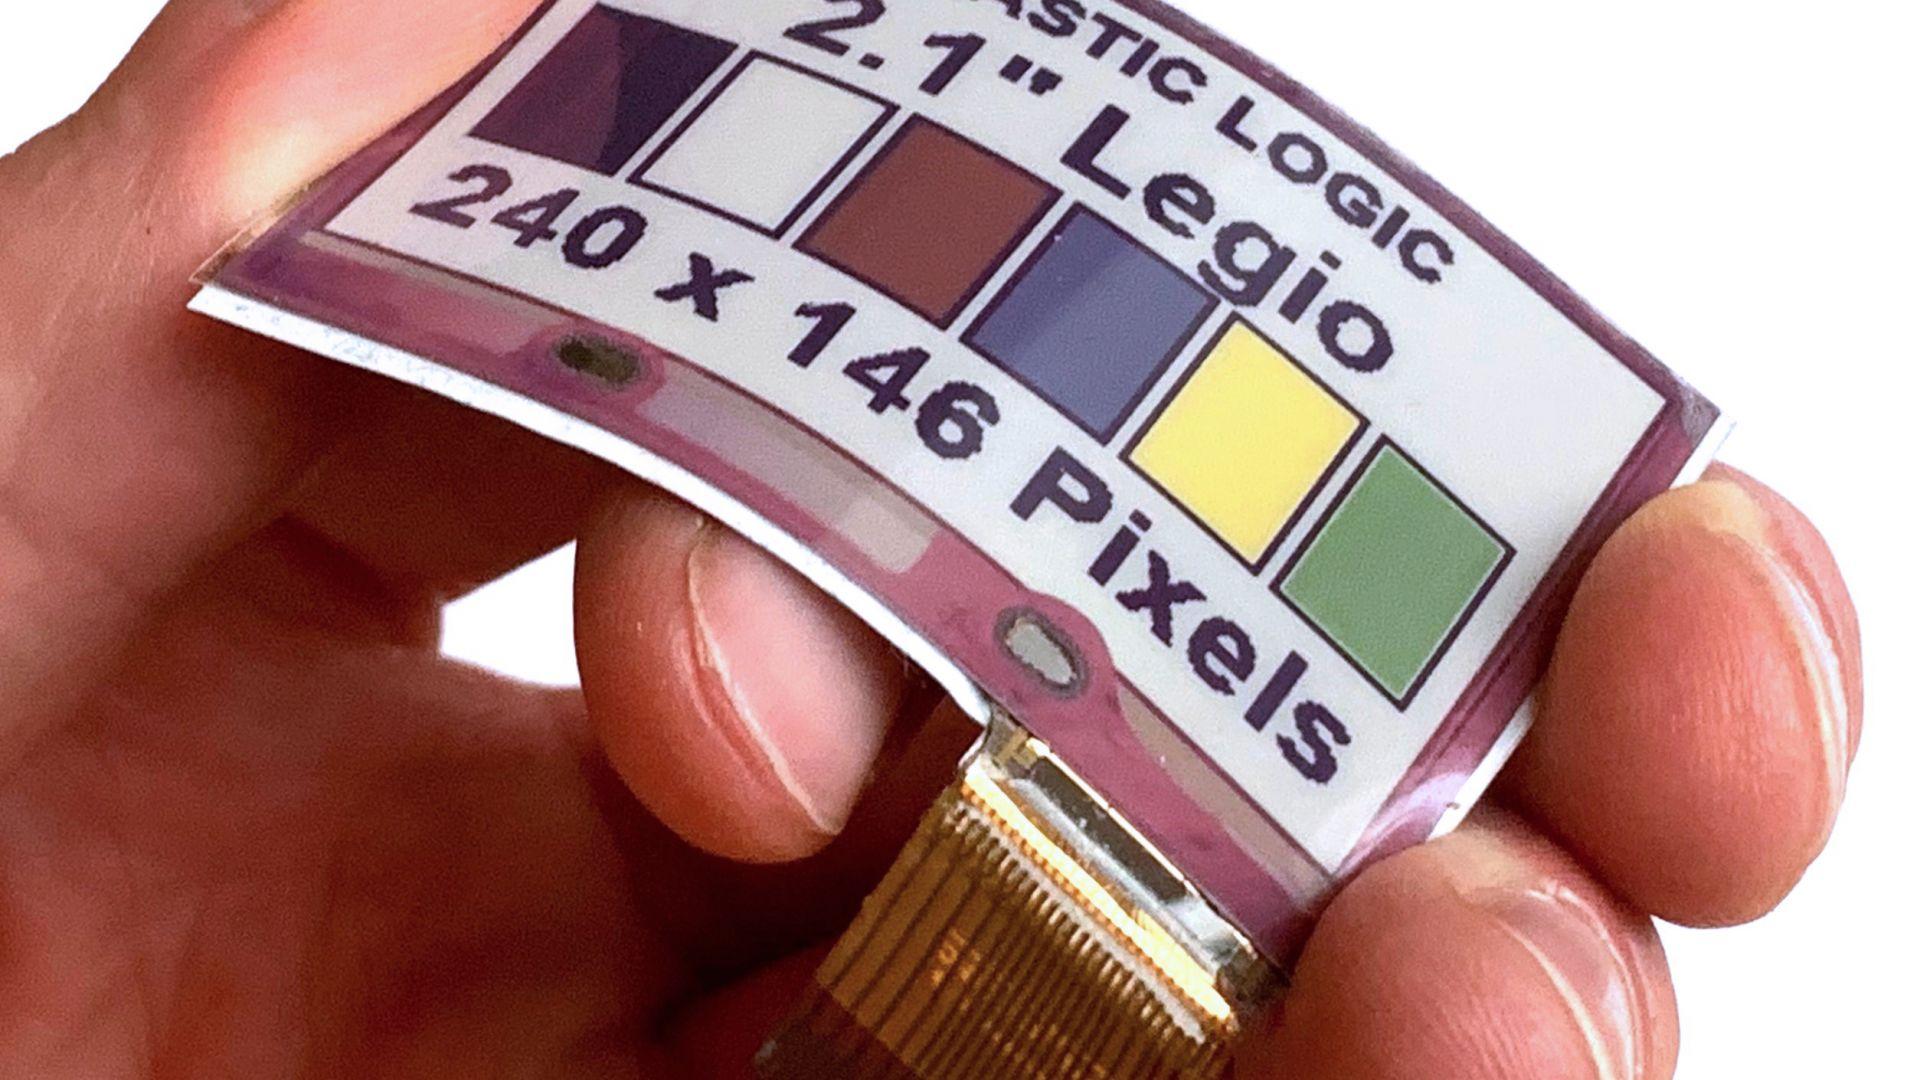 Създадоха цветен и гъвкав E Ink дисплей